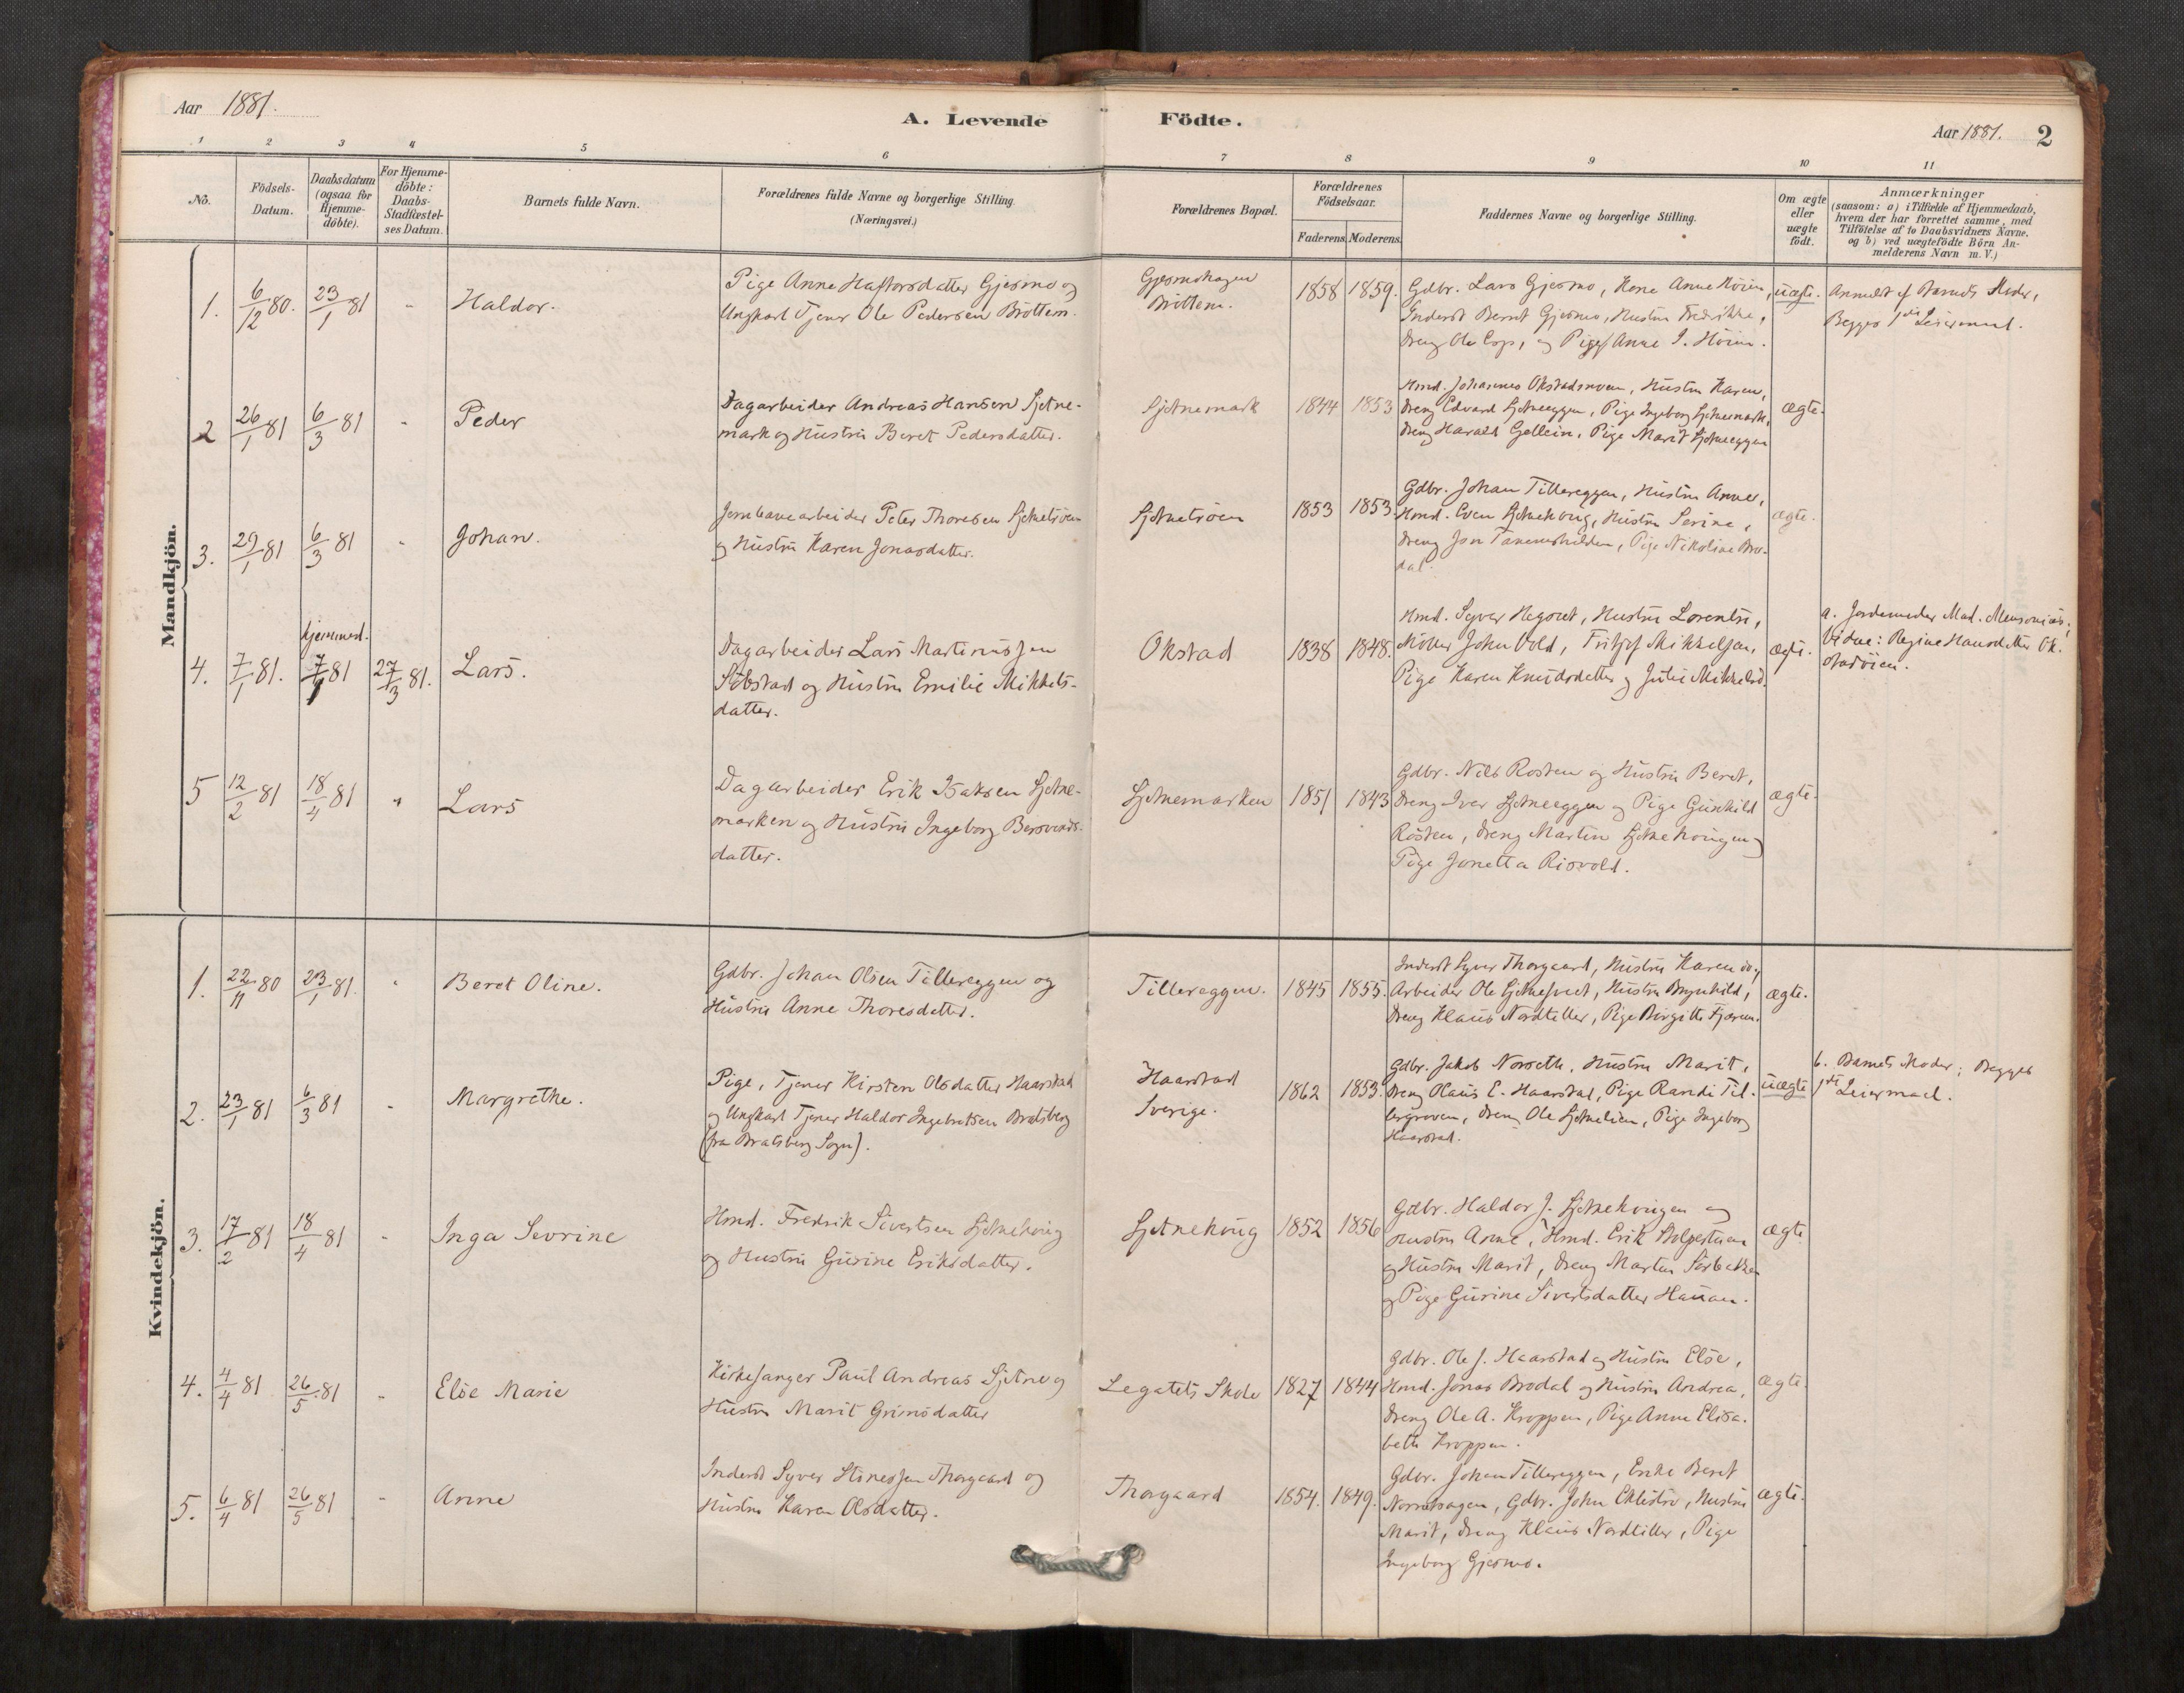 SAT, Klæbu sokneprestkontor, Parish register (official) no. 1, 1880-1900, p. 2